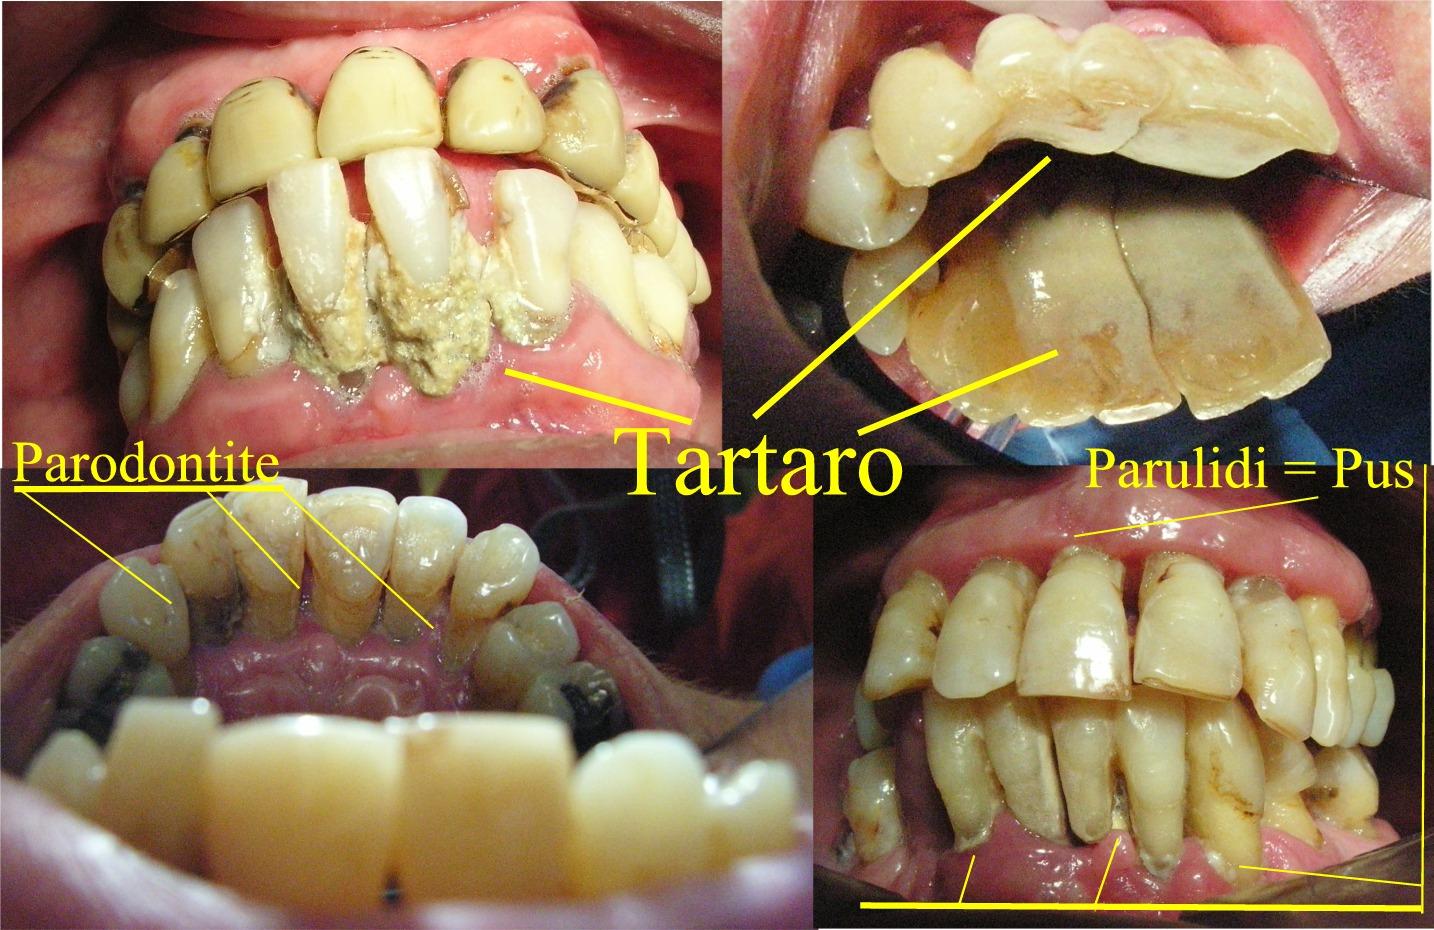 Placca Batterica e Tartaro in Carie e Parodontite Grave.- Da casistica del Dr. Gustavo Petti di Cagliari